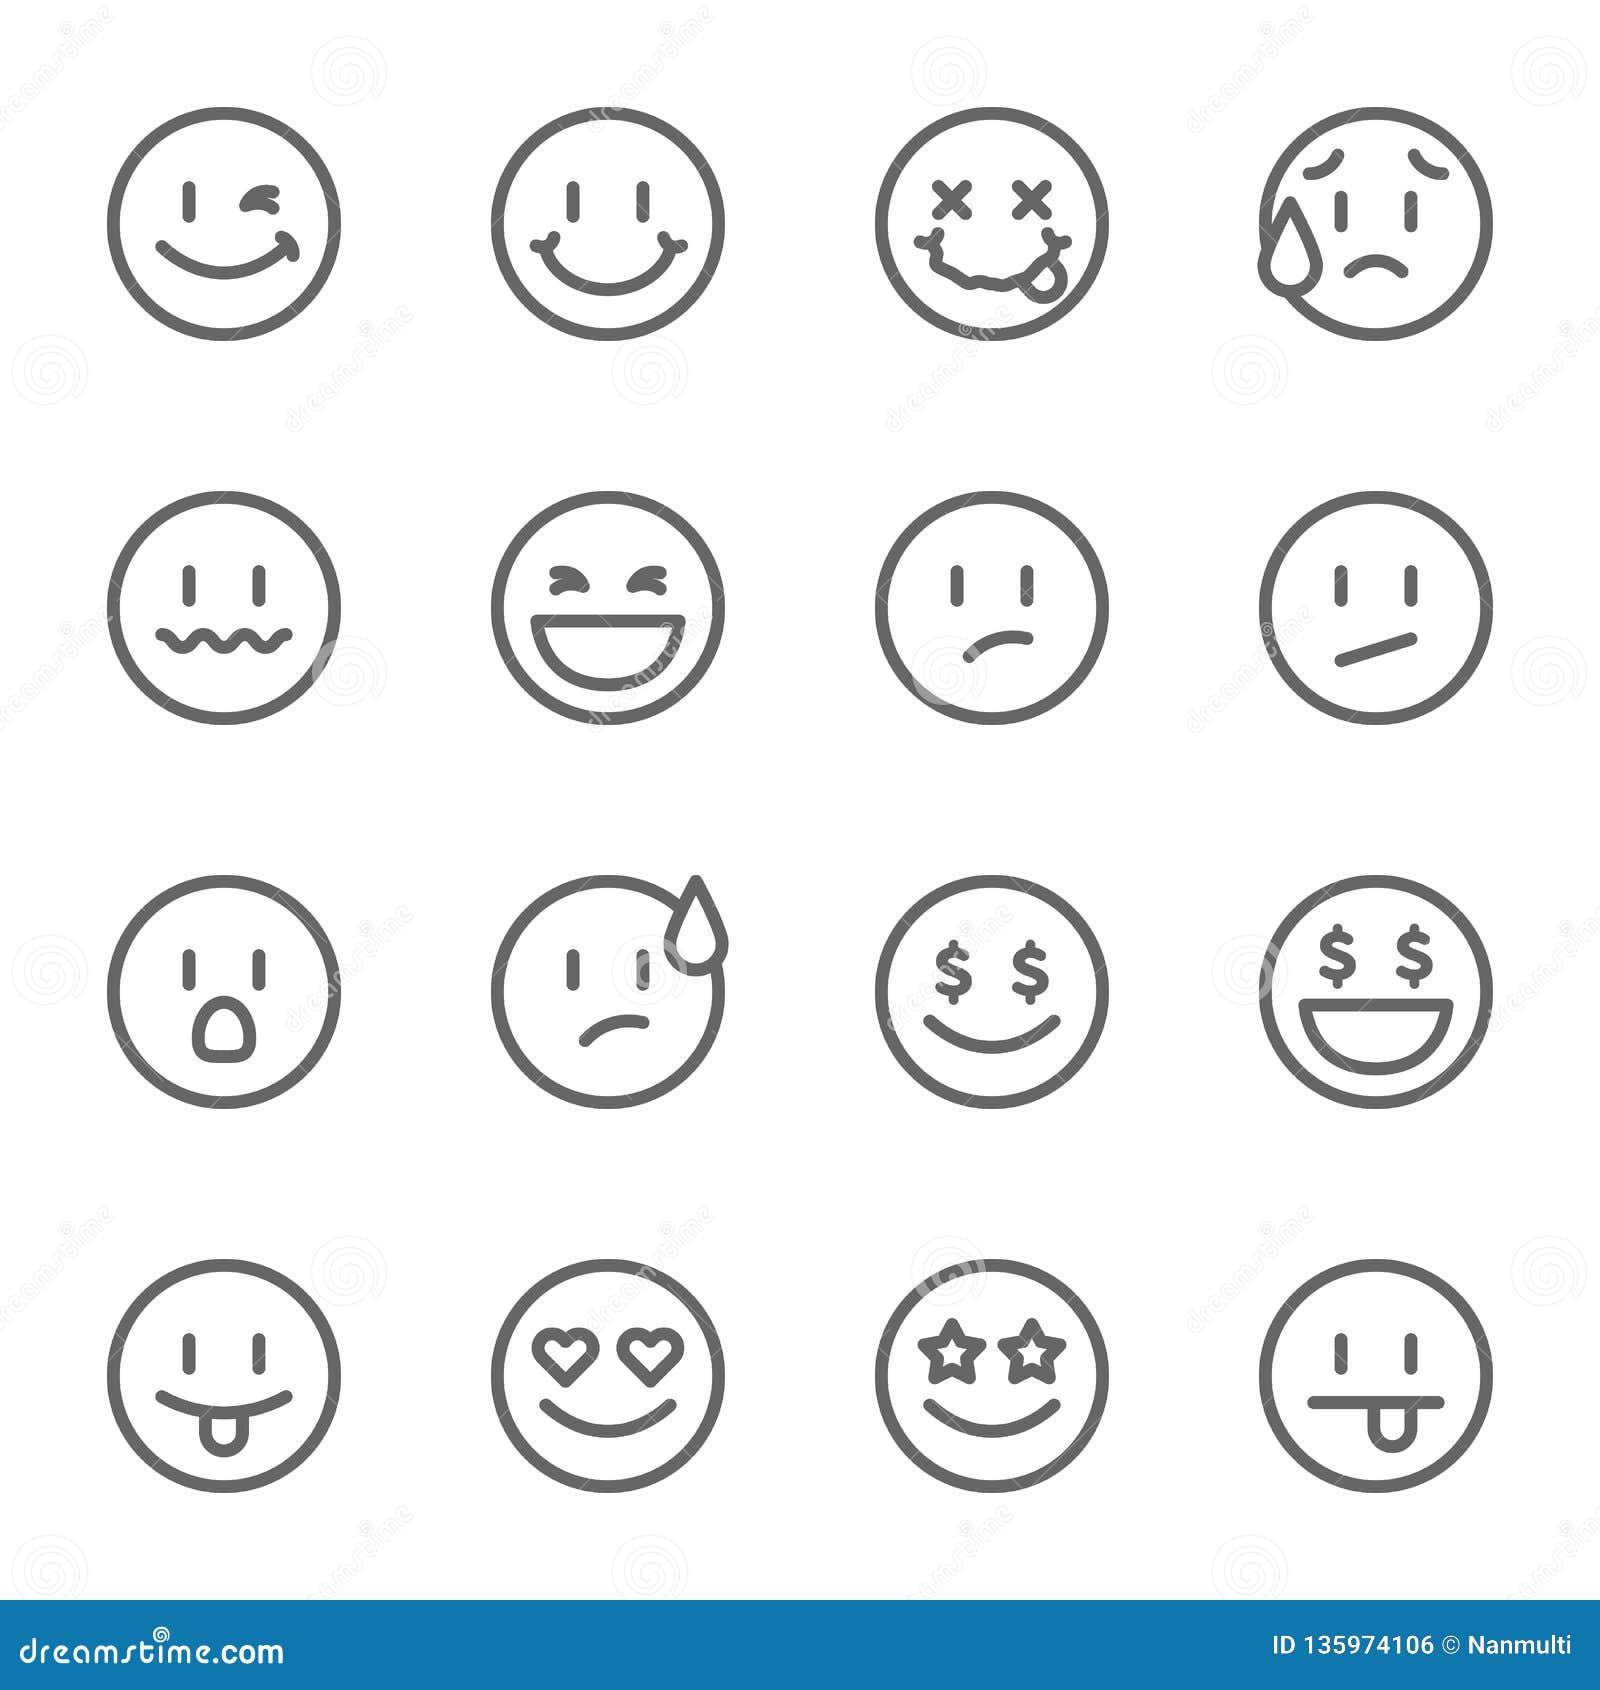 Insieme di Smiley Face Vector Line Icon Contiene tali icone come felici, insolenti, Emoji e più Colpo ampliato